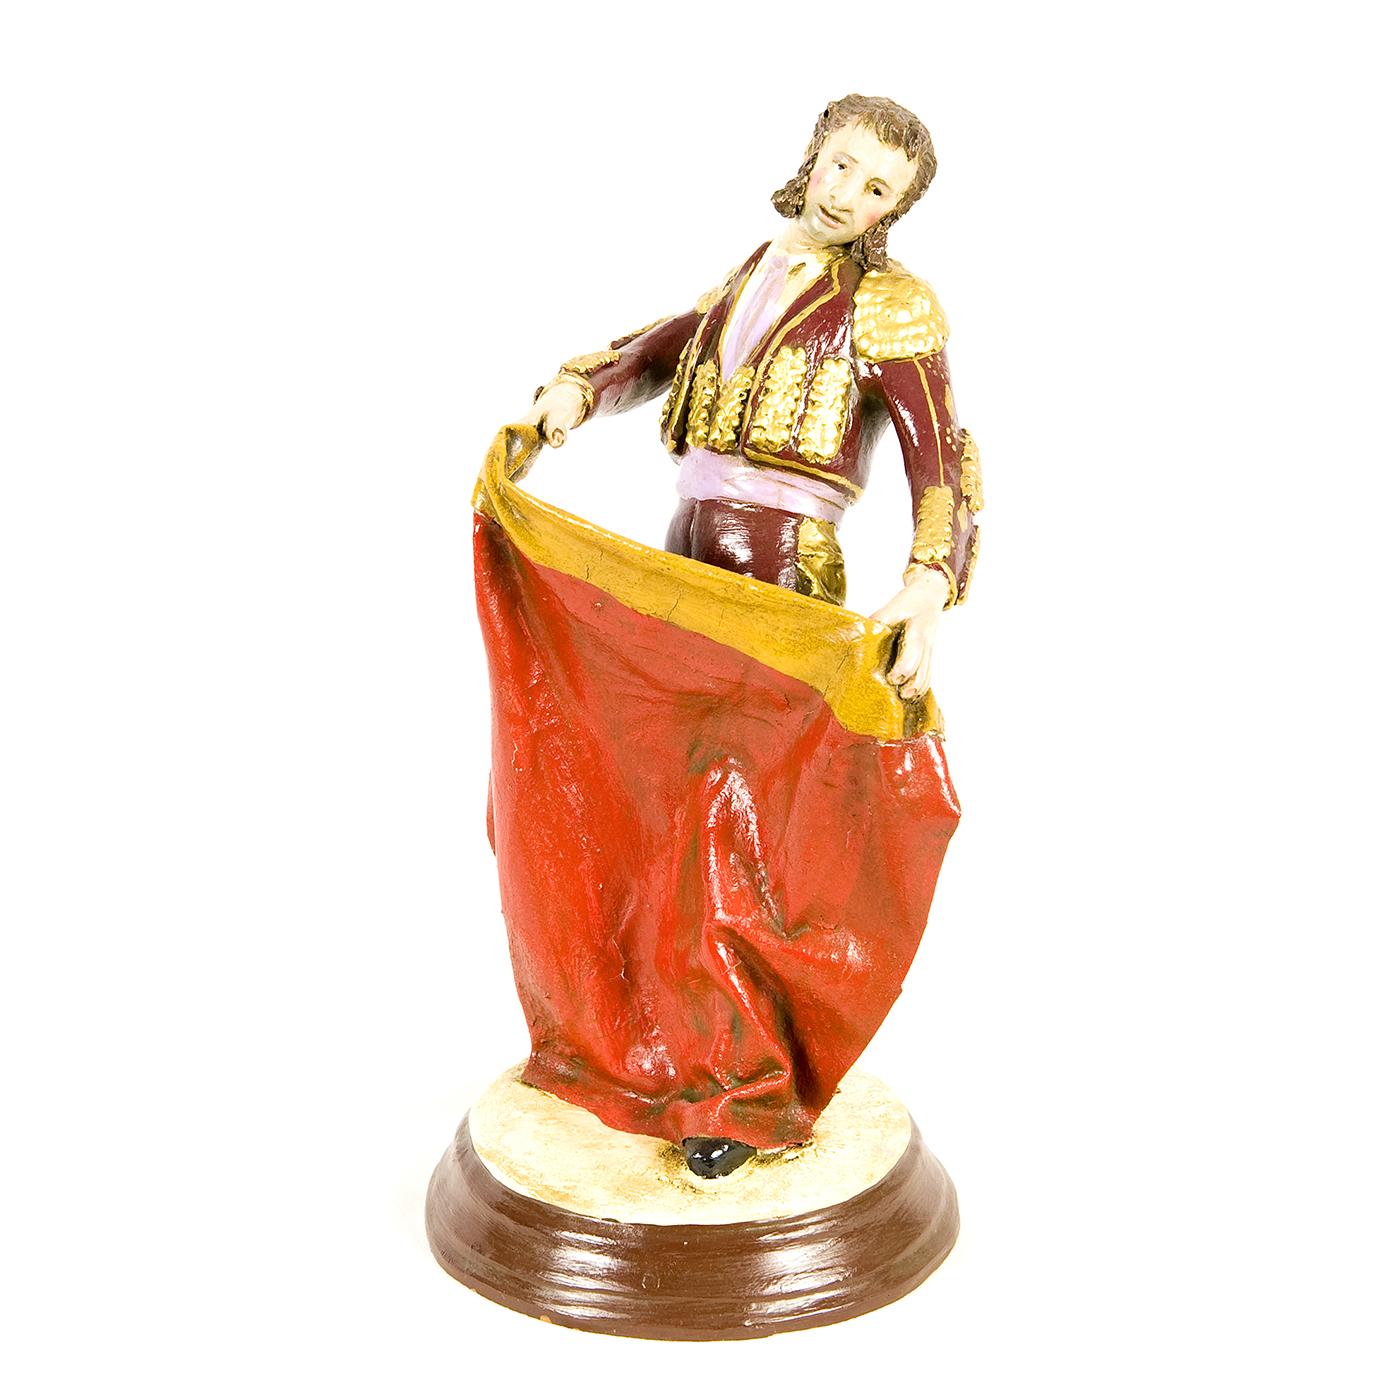 JIMENEZ MARISCAL. Escultura de barro cocido. Siglo XX.